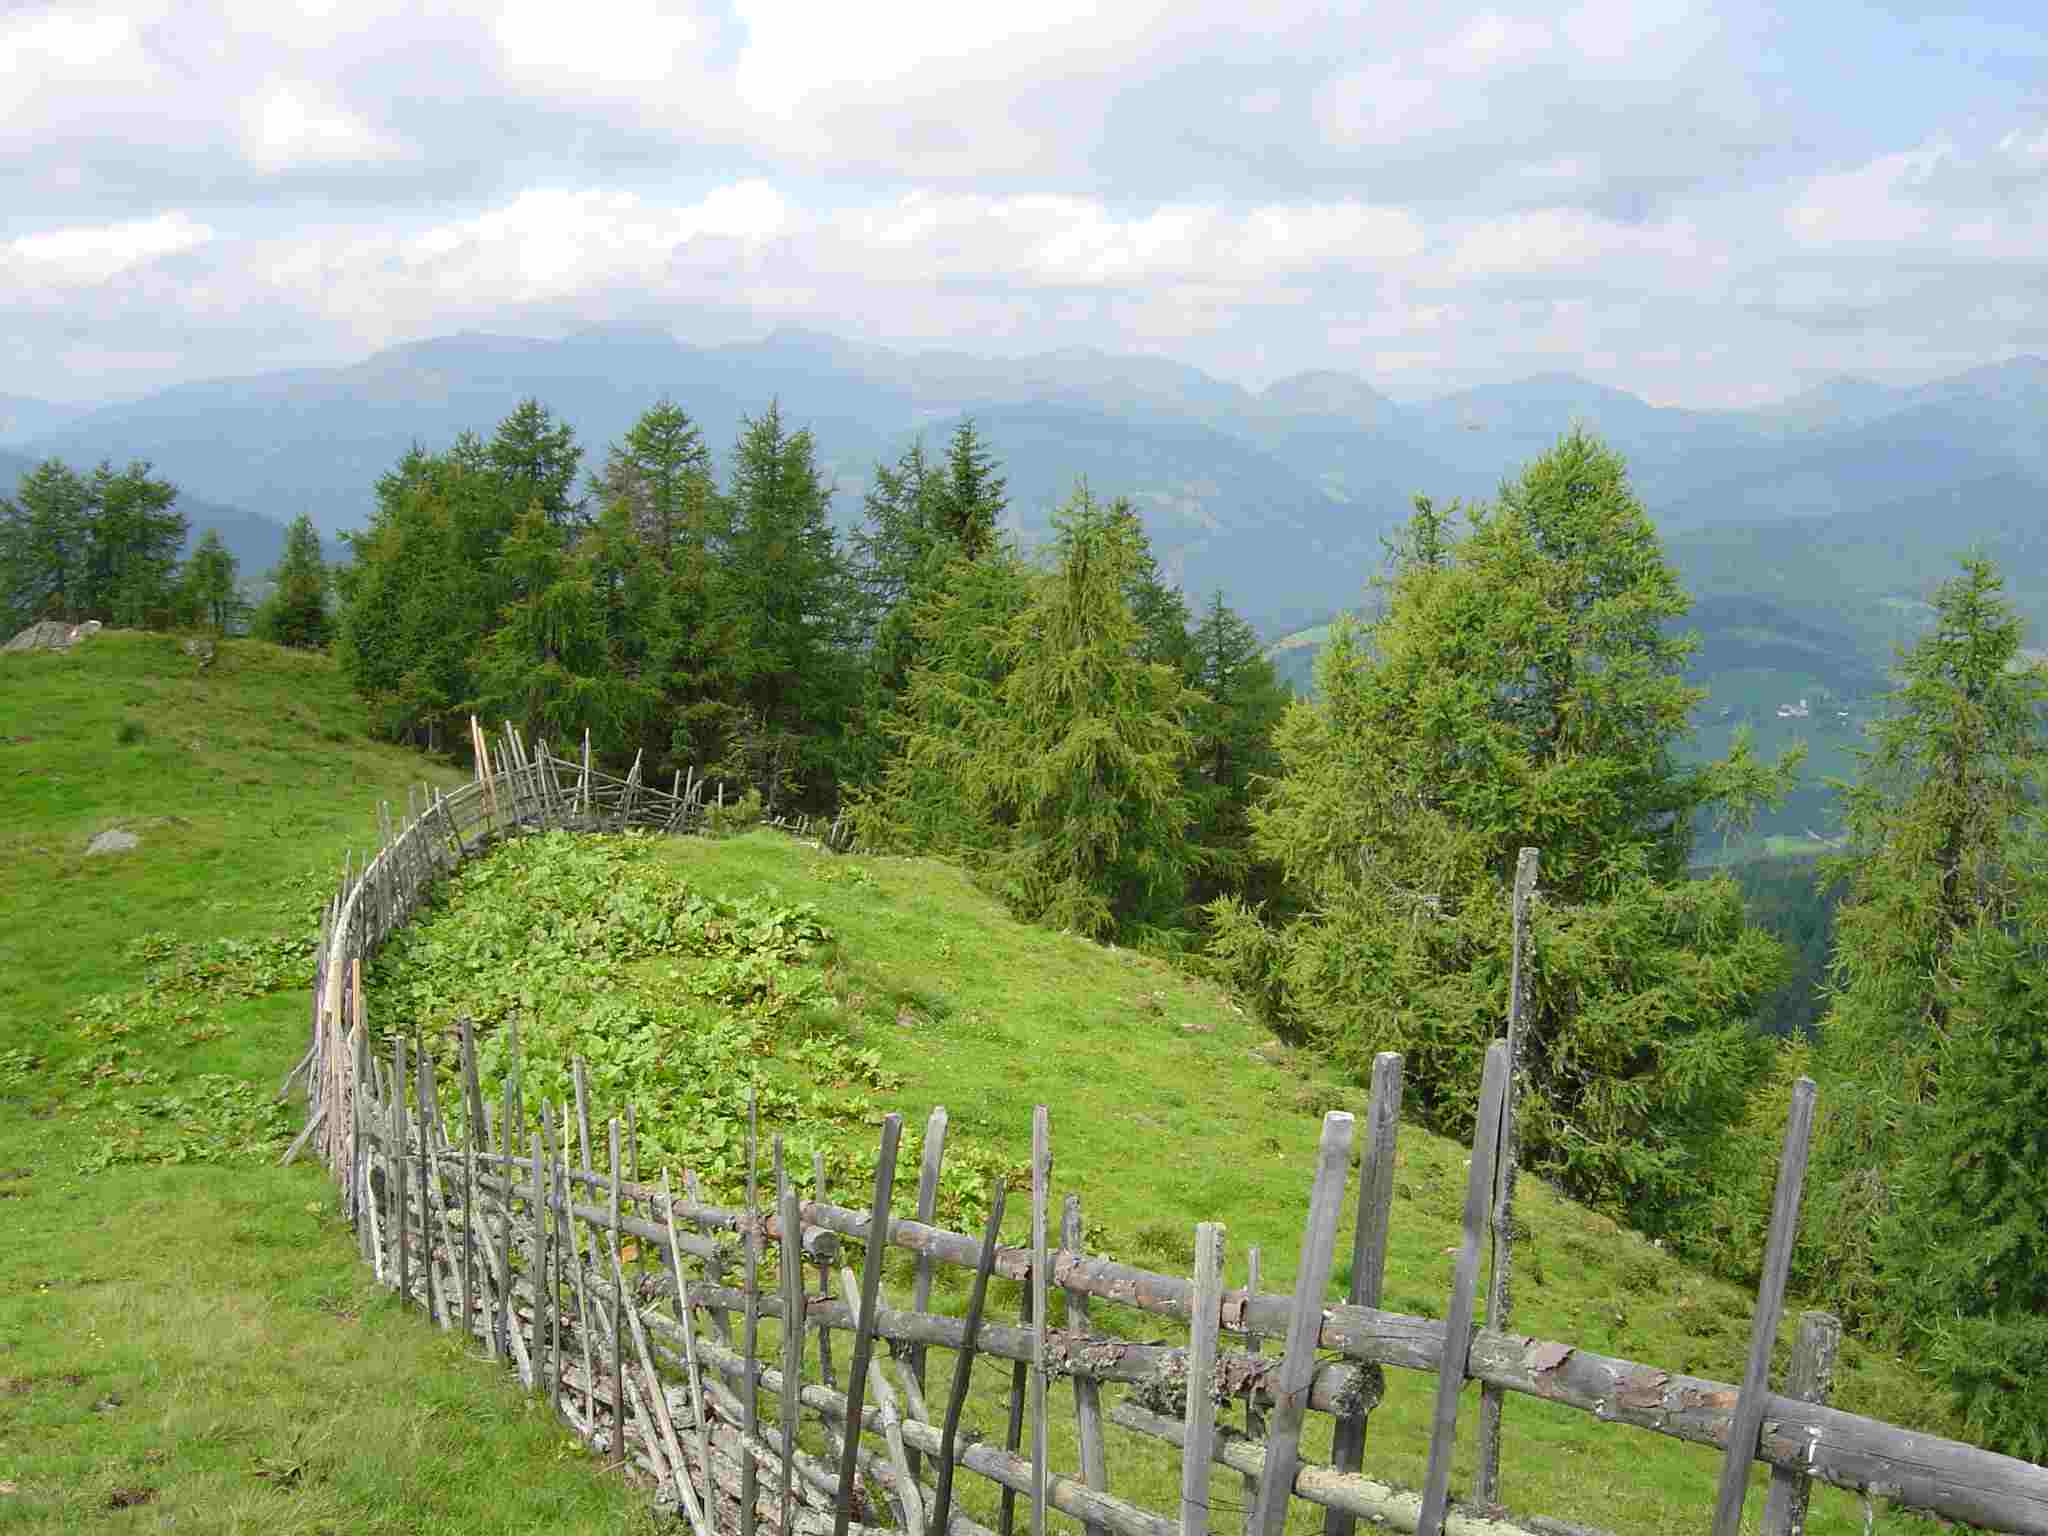 Foto: Manfred Karl / Wander Tour / Kruckenspitze, 1886 m / Vom Gipfel hat man einen schönen Rundblick auf die Nockberge. / 03.05.2007 06:22:32